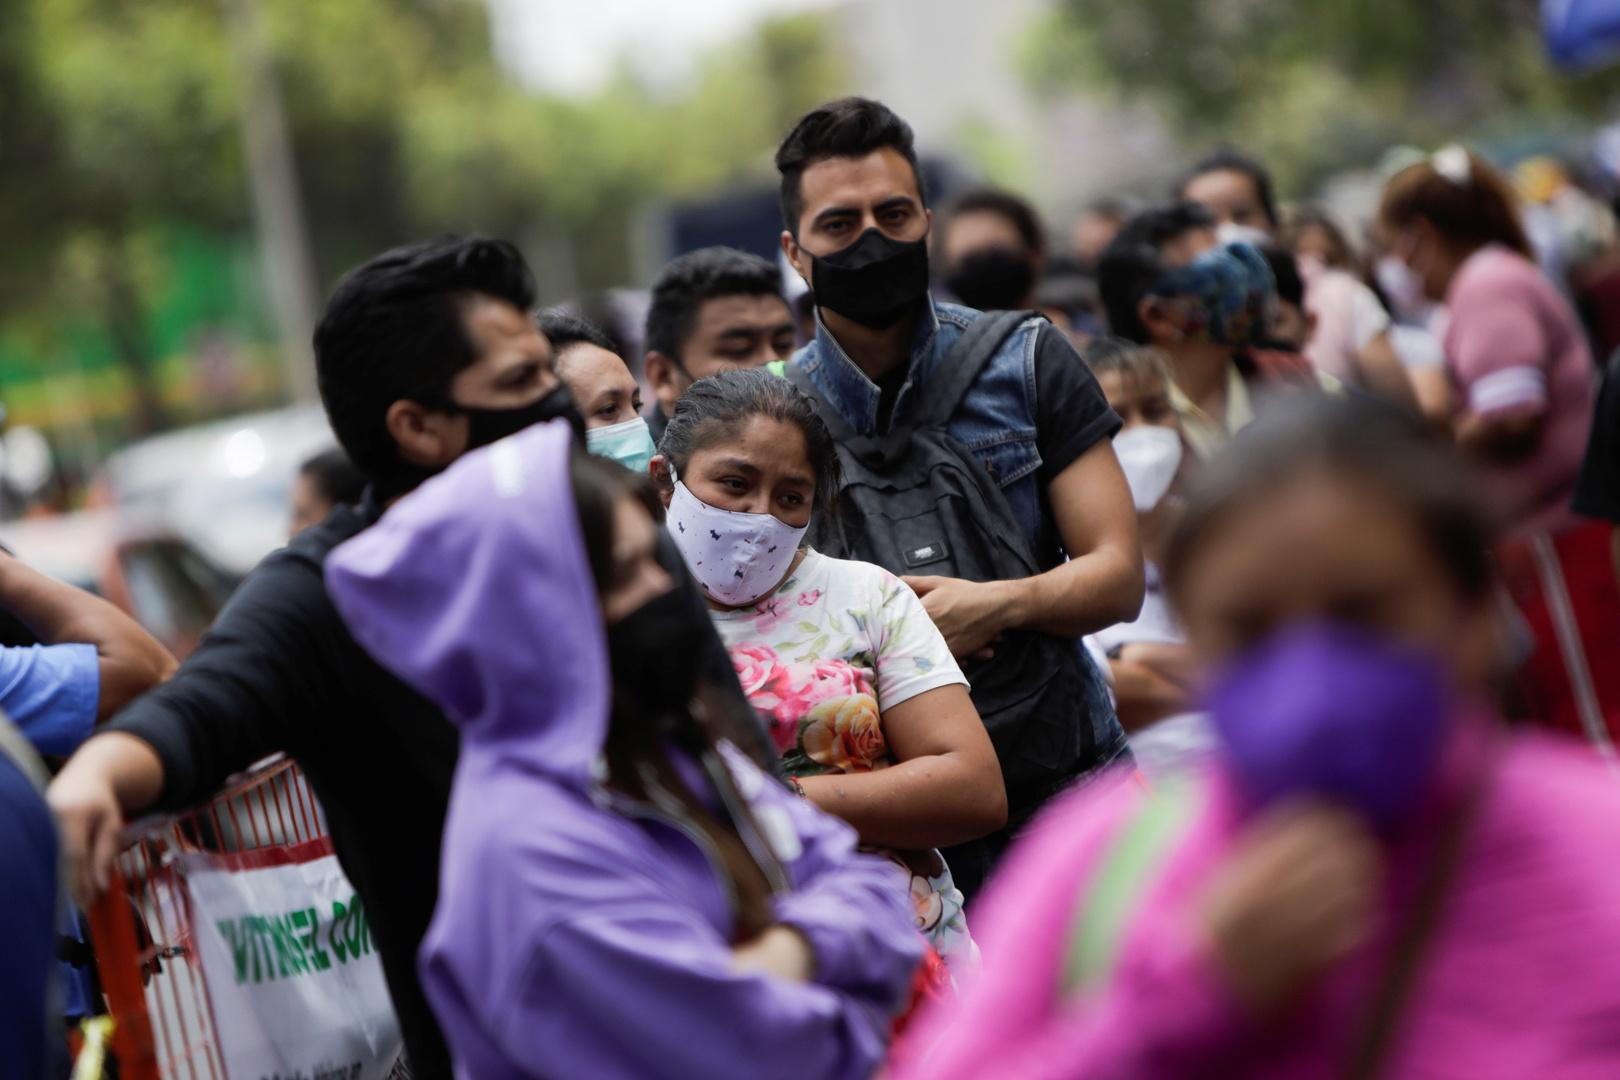 المكسيك تسجل أكثر من 600 وفاة جديدة بفيروس كورونا